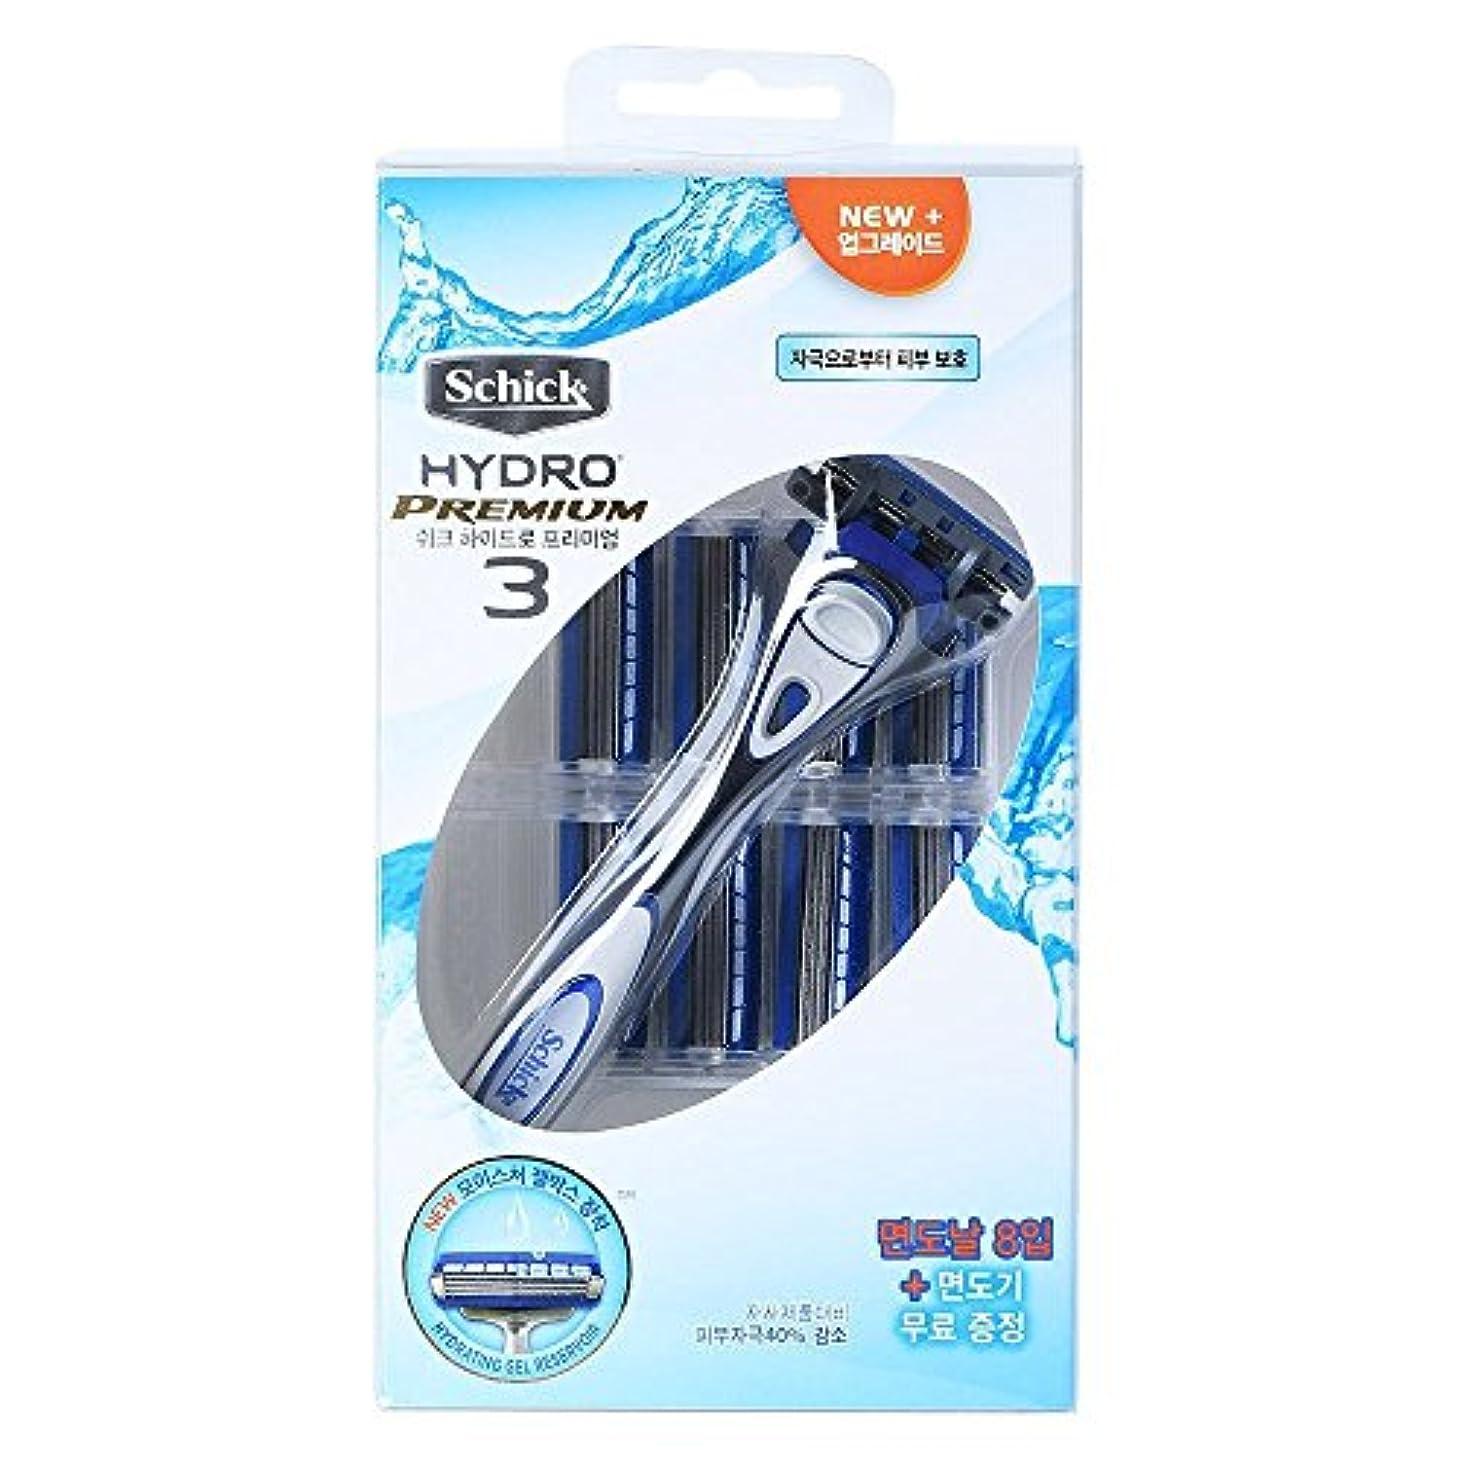 無数の愛する寮Schick HYDRO 3 Premium Shaving 1つの剃刀と9つのカートリッジリフィル [並行輸入品]